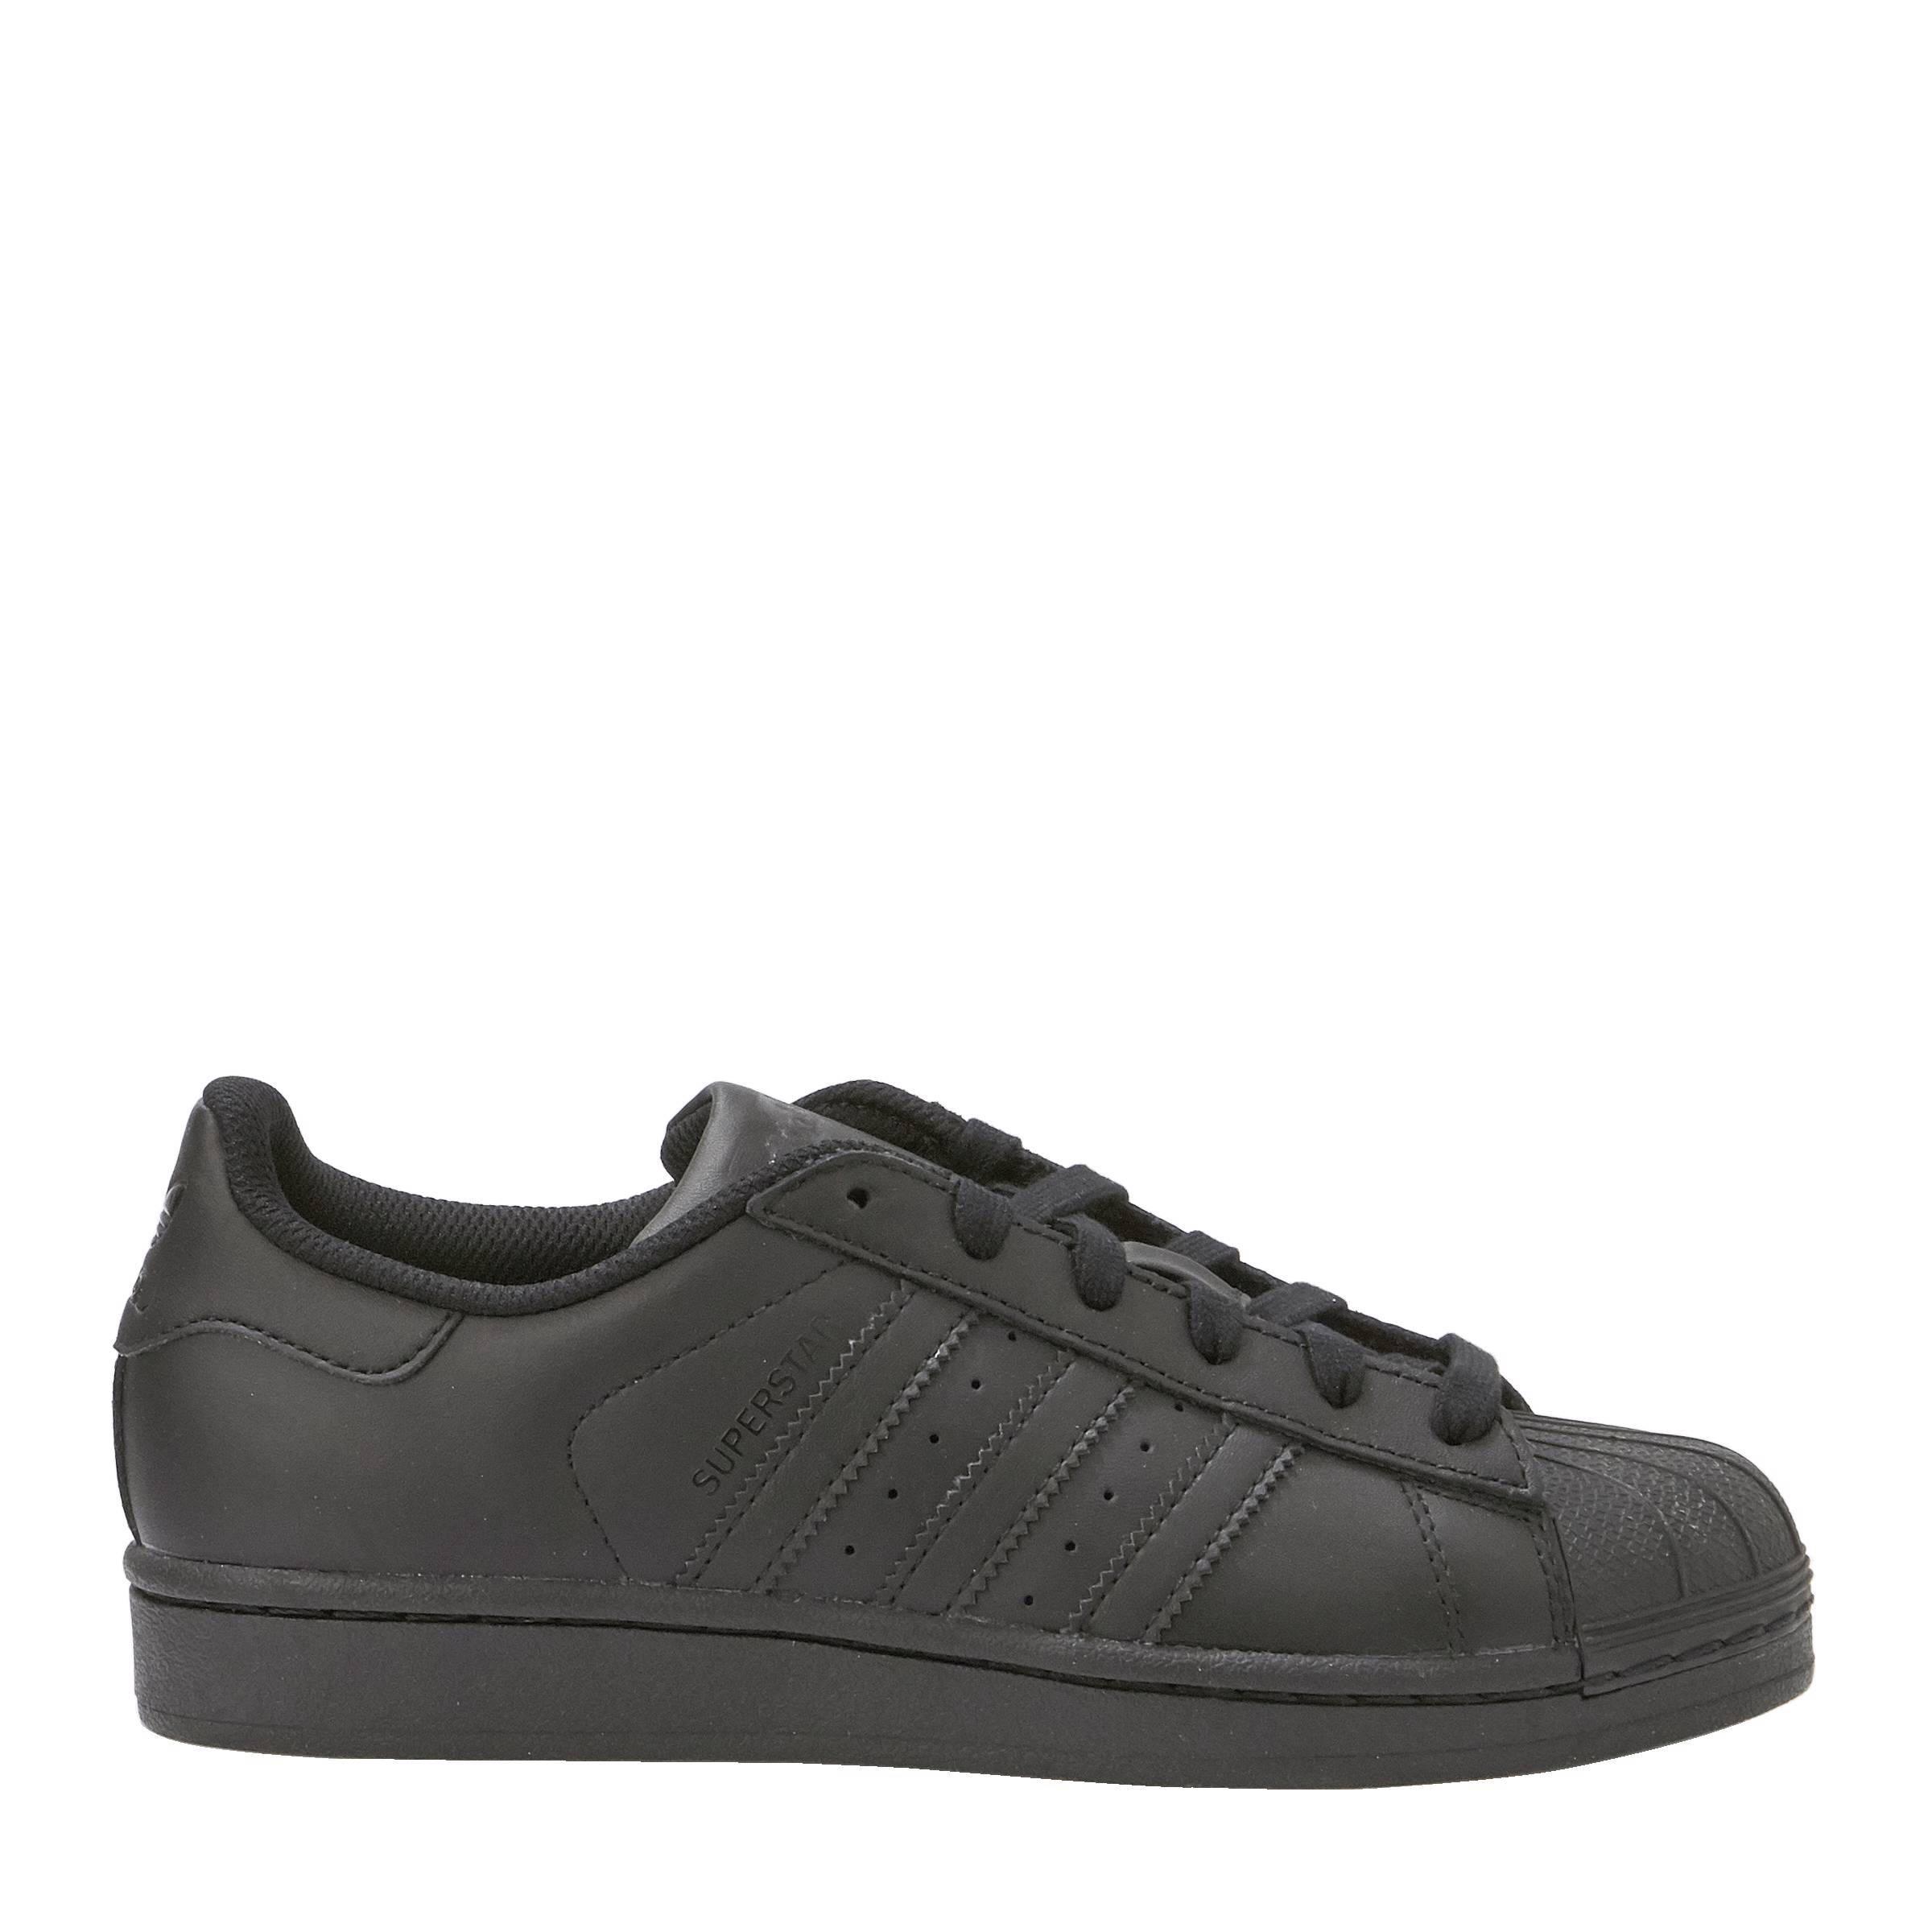 e20e0c679a1 adidas originals sneakers Superstar Foundation J   wehkamp